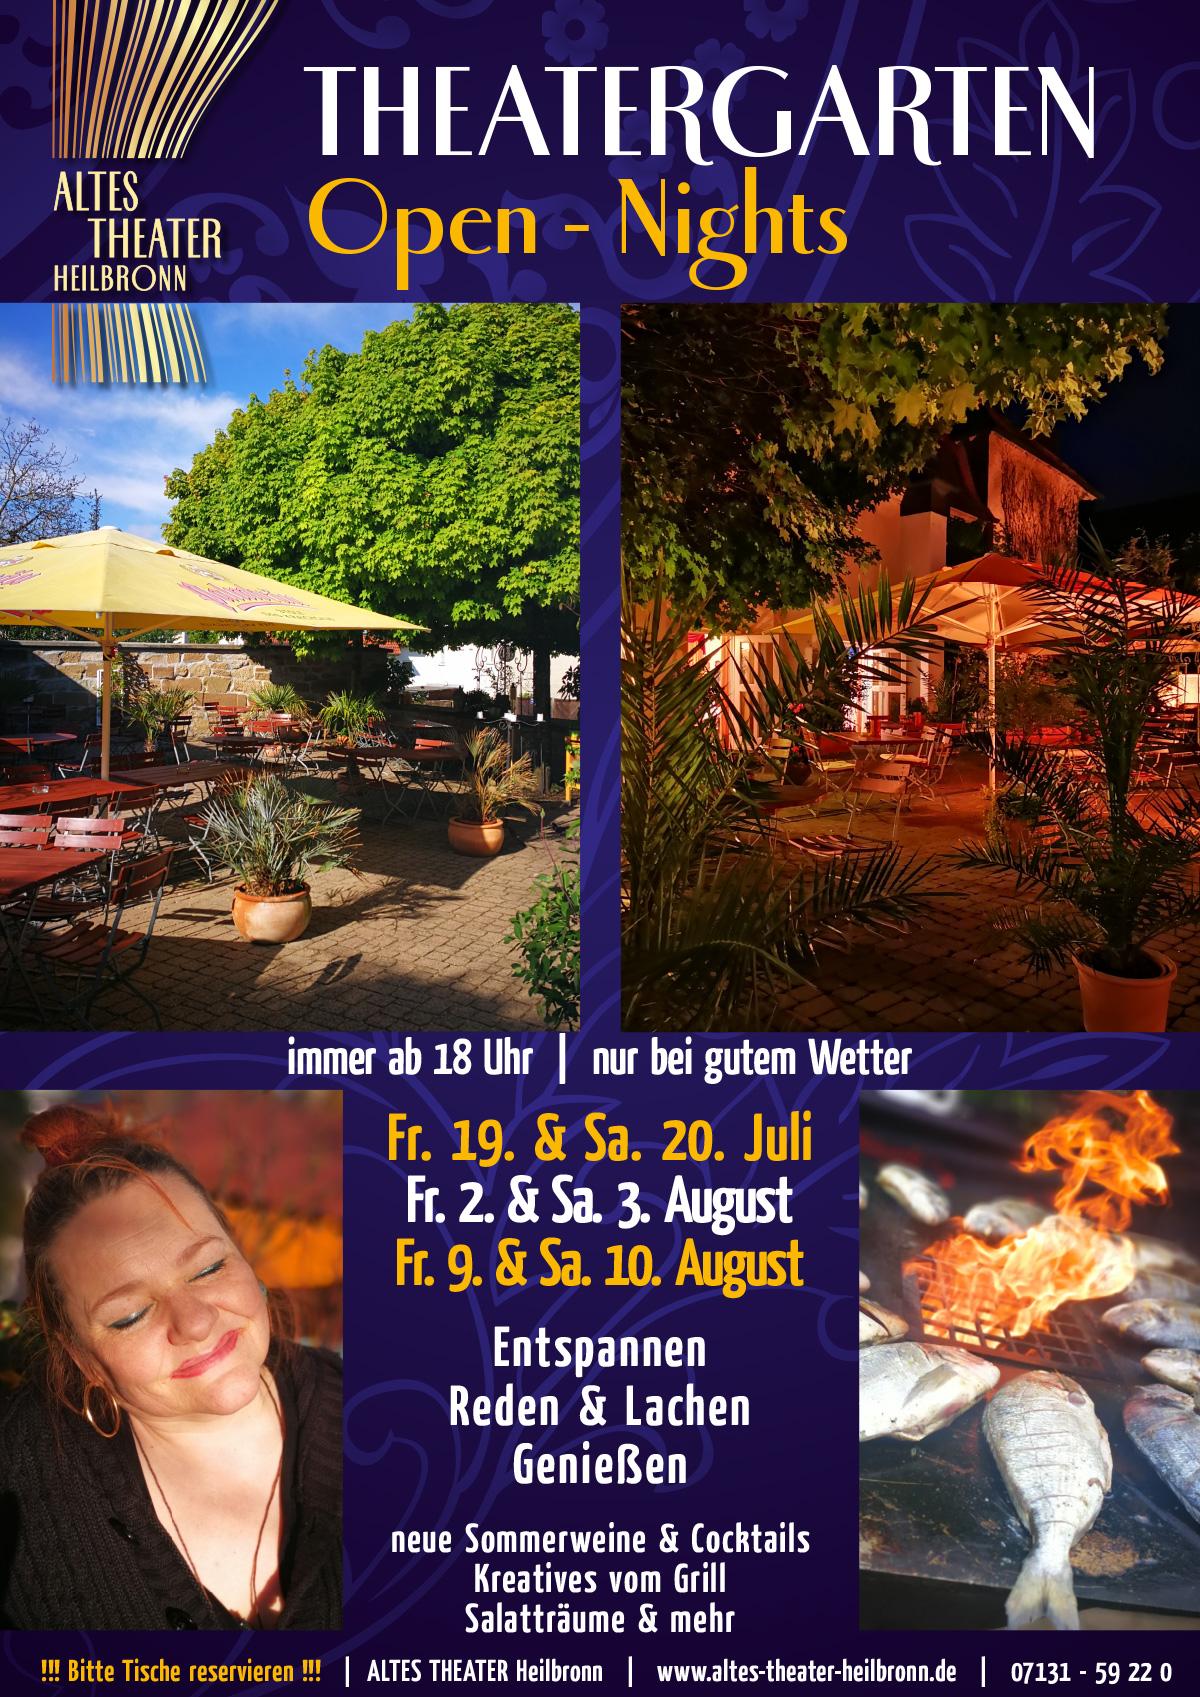 ATH-Theatergarten-BBQ-Plakat-02.jpg